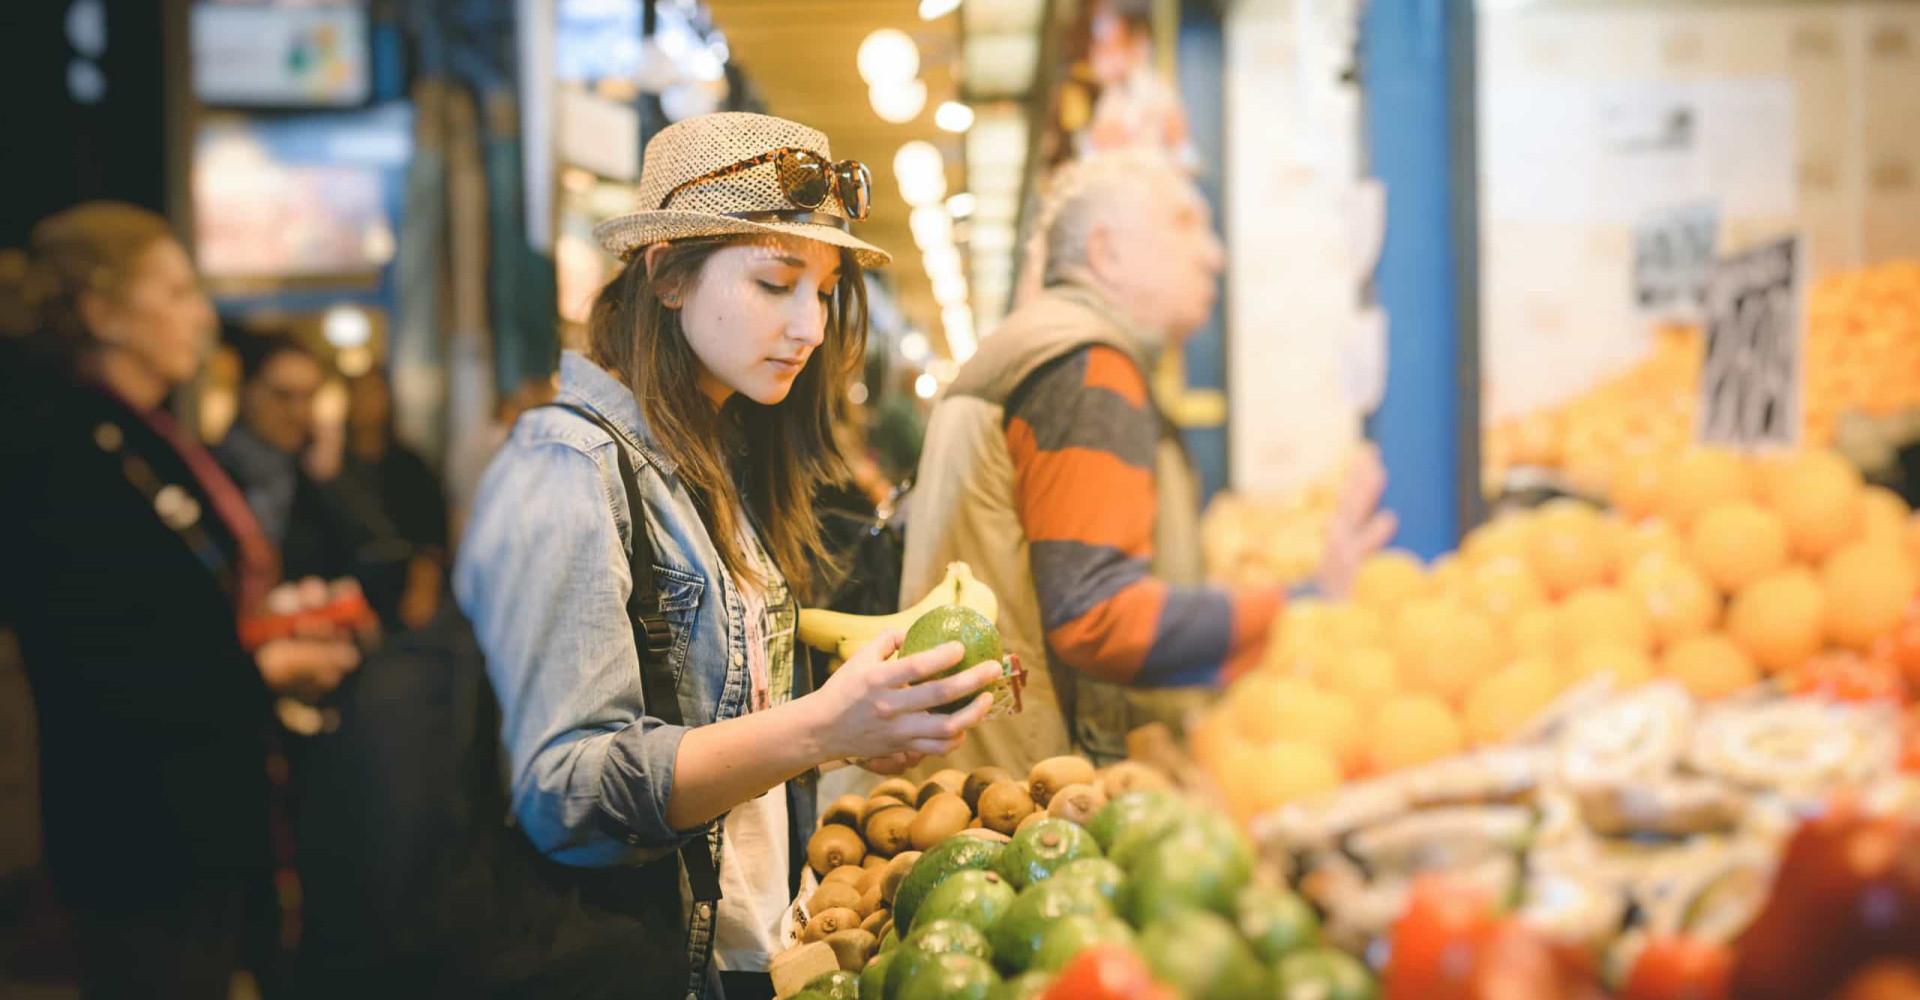 Marraskuu on vegaanikuukausi: esittelemme vuoden 2018 vegaaniystävällisimmät matkakohteet